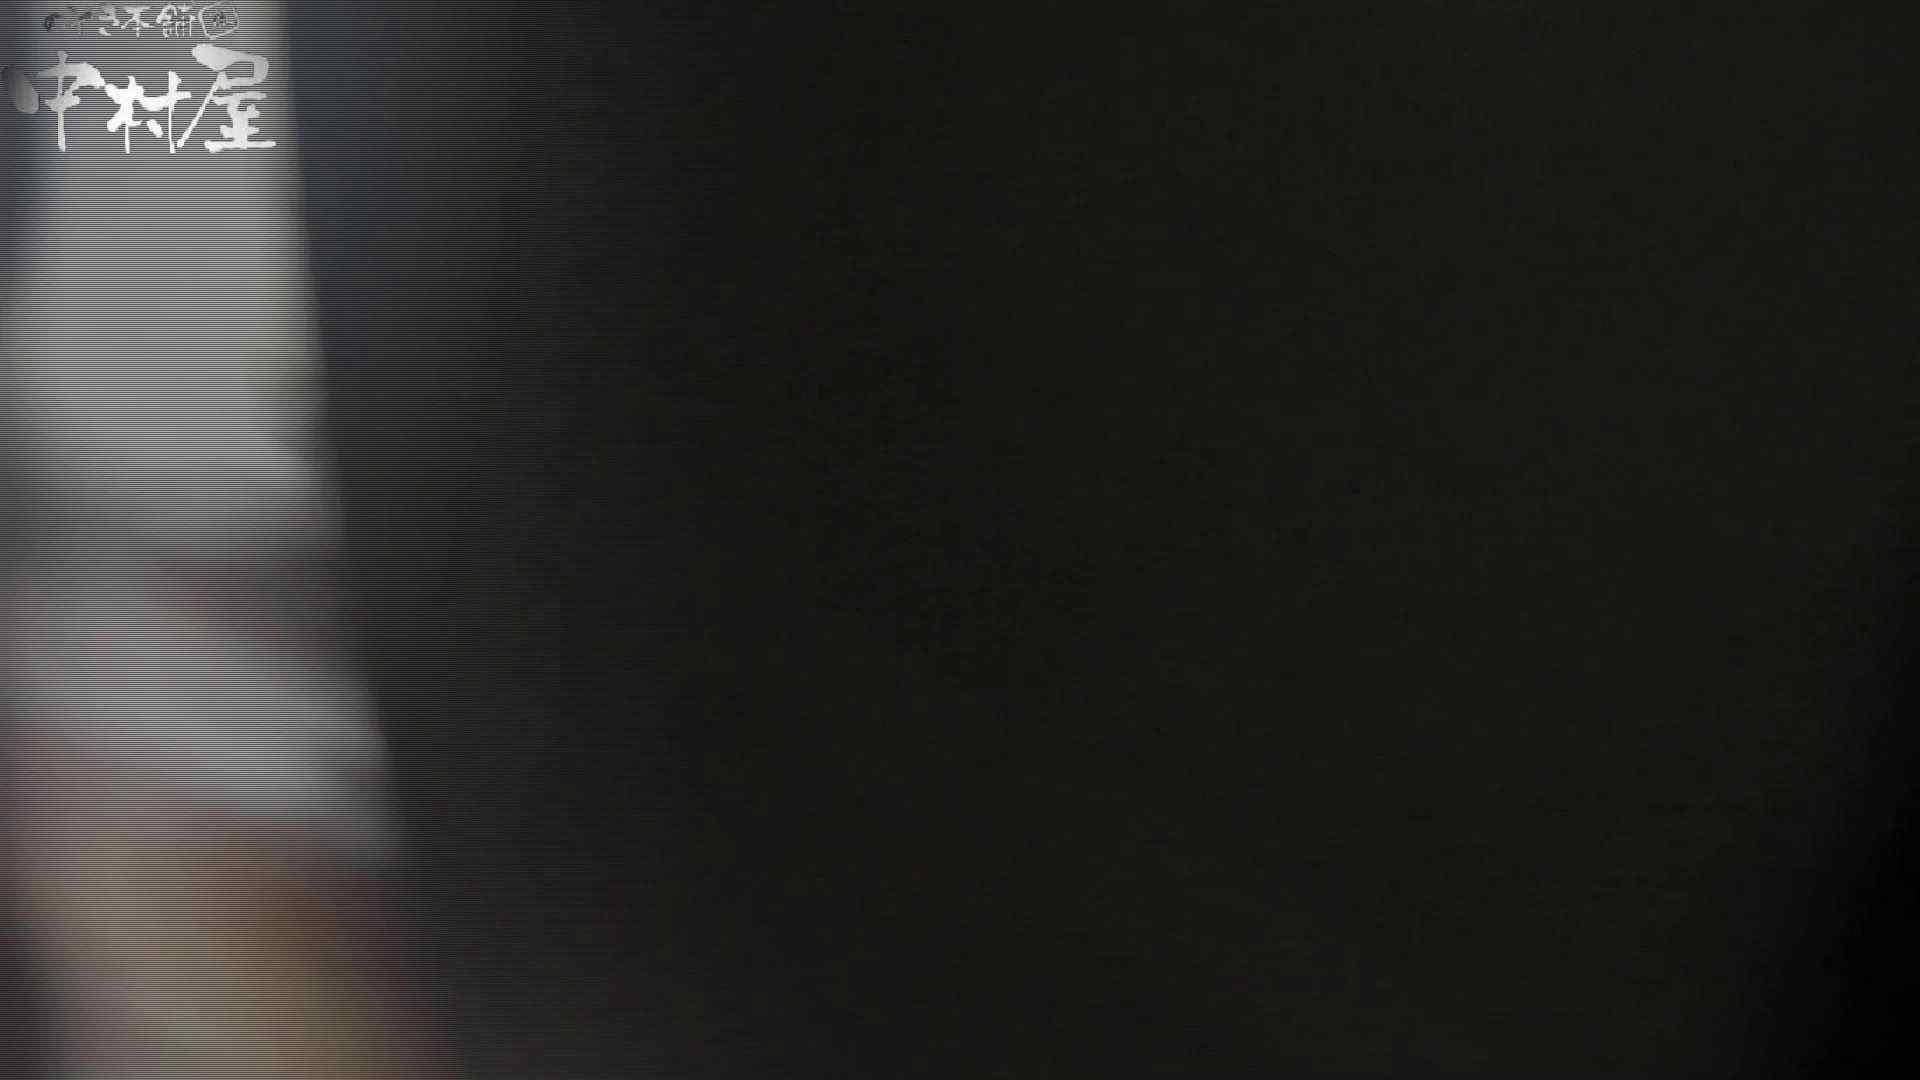 世界の射窓から vol.43 ソーニュー 後編 洗面所突入 | 美しいOLの裸体  91pic 53